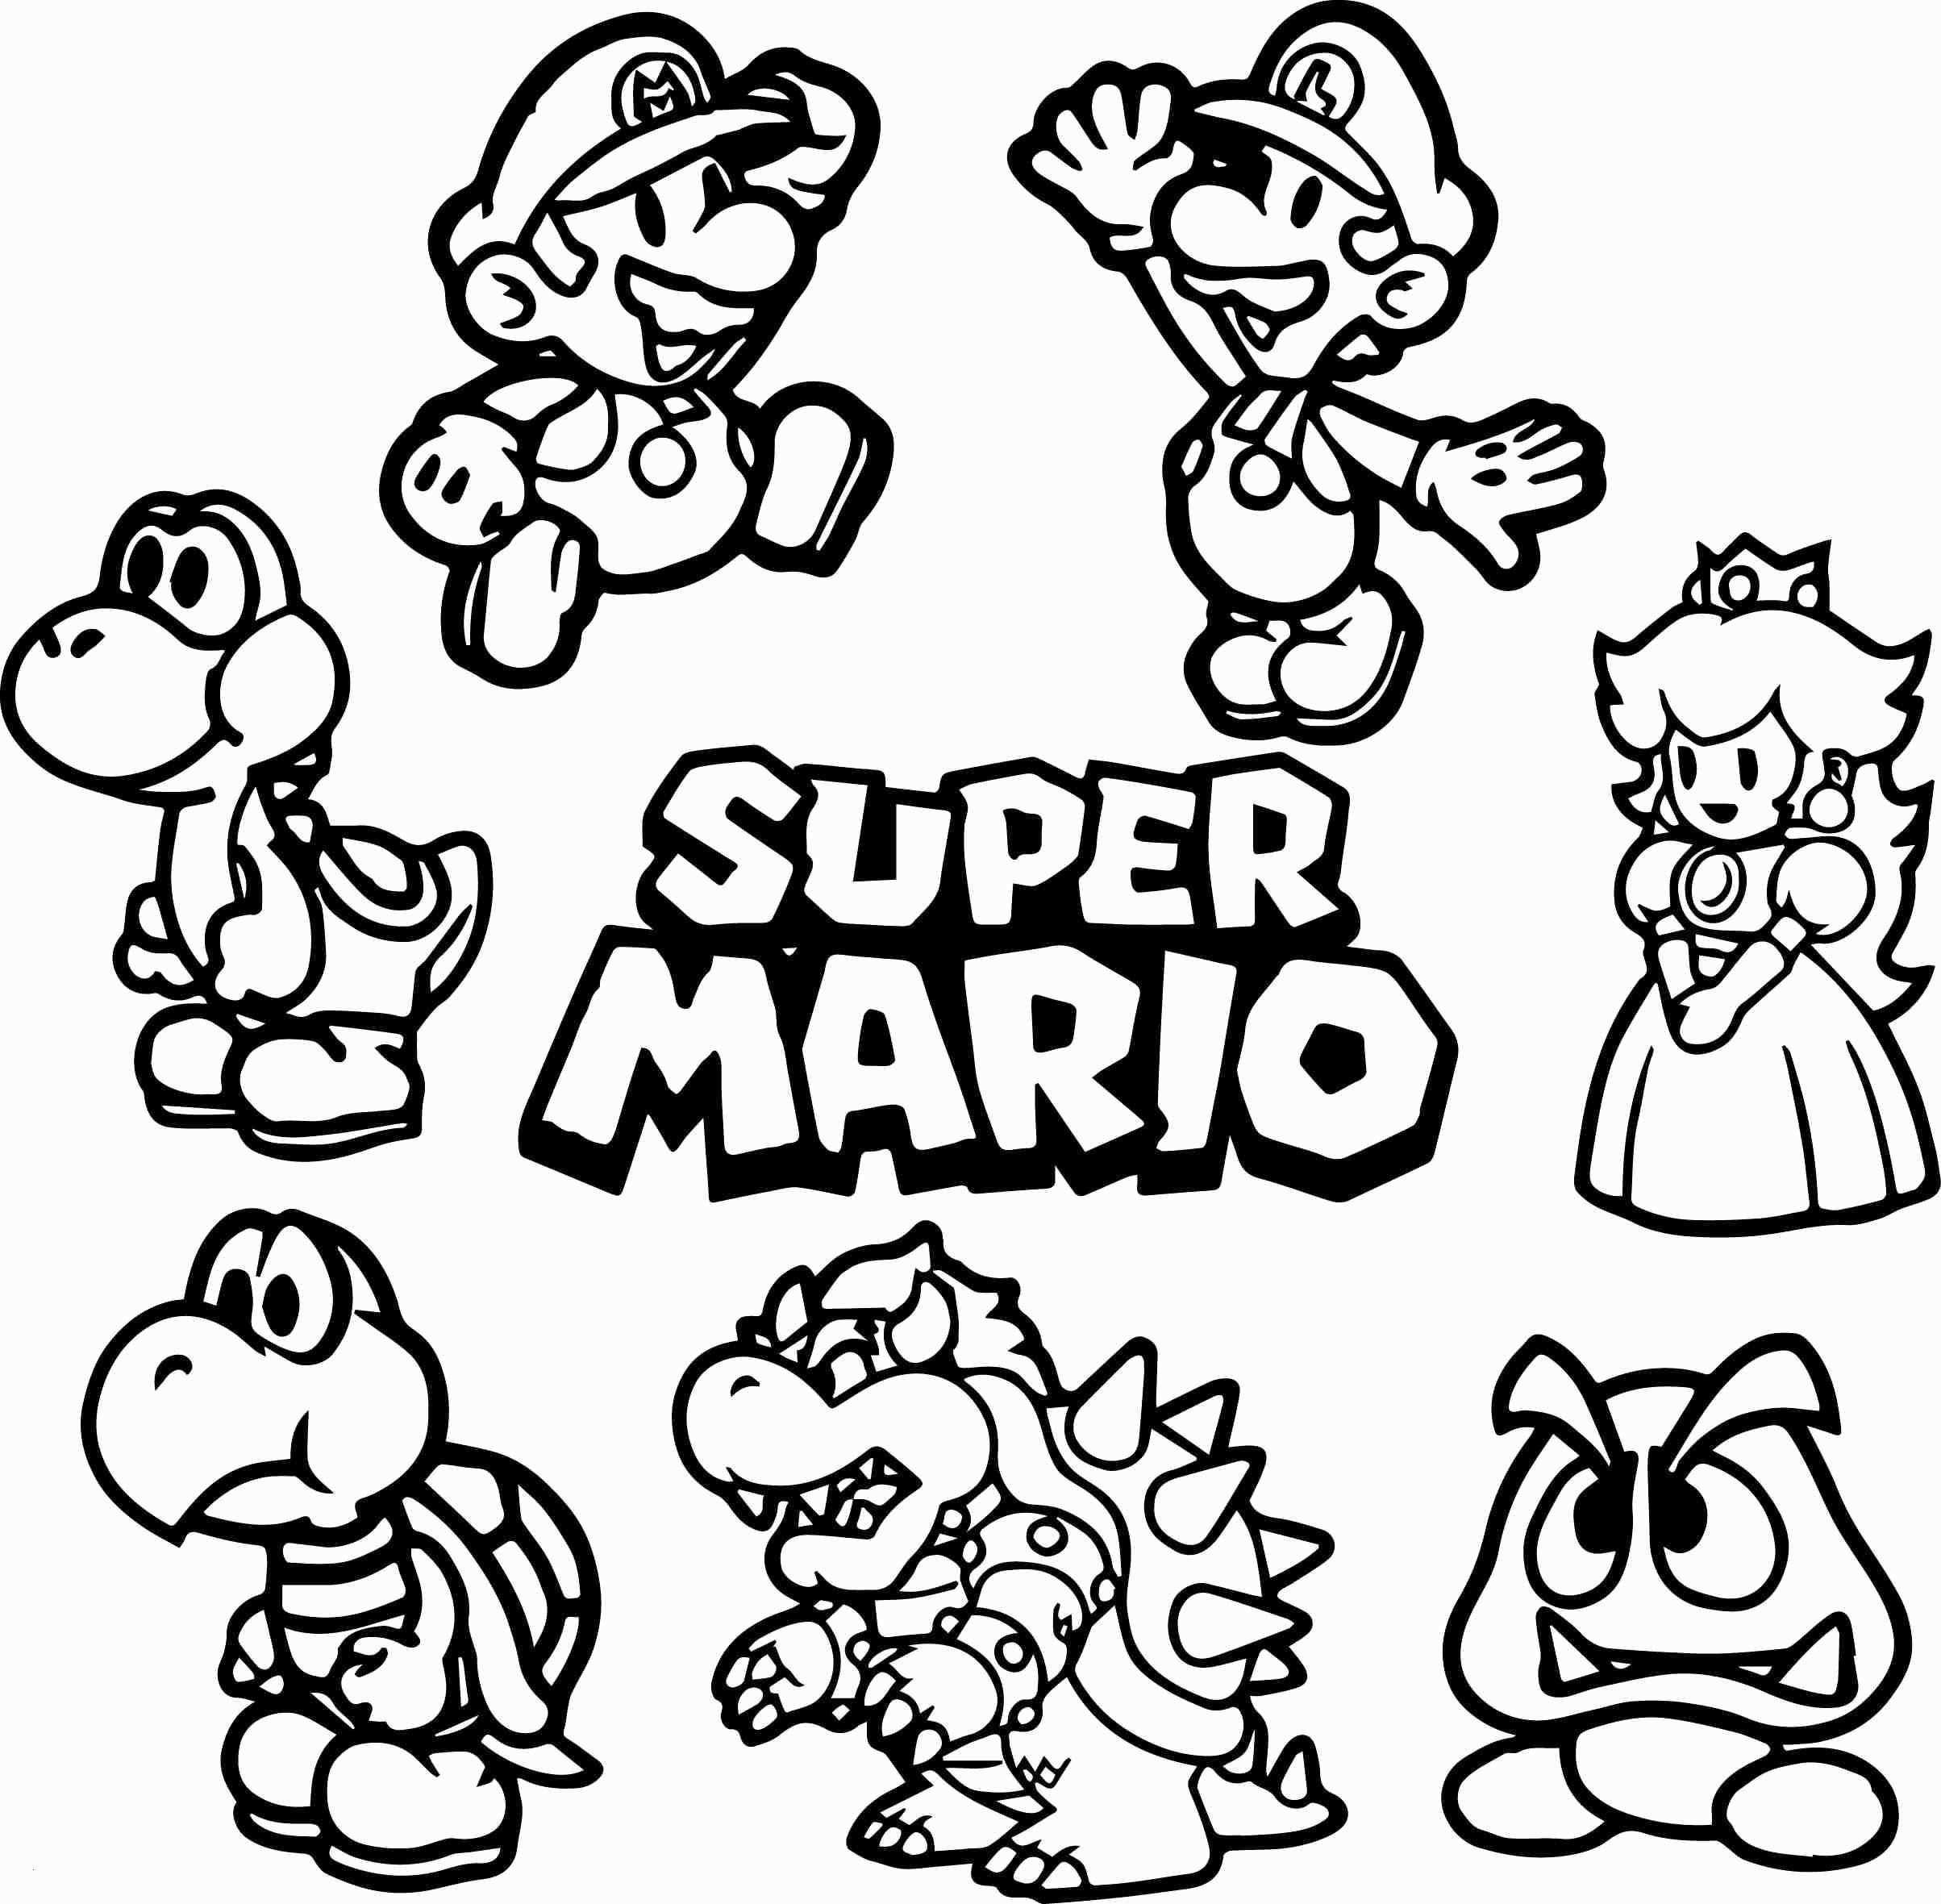 Super Mario Coloring Page Elegant Gallery 37 Super Mario Kart